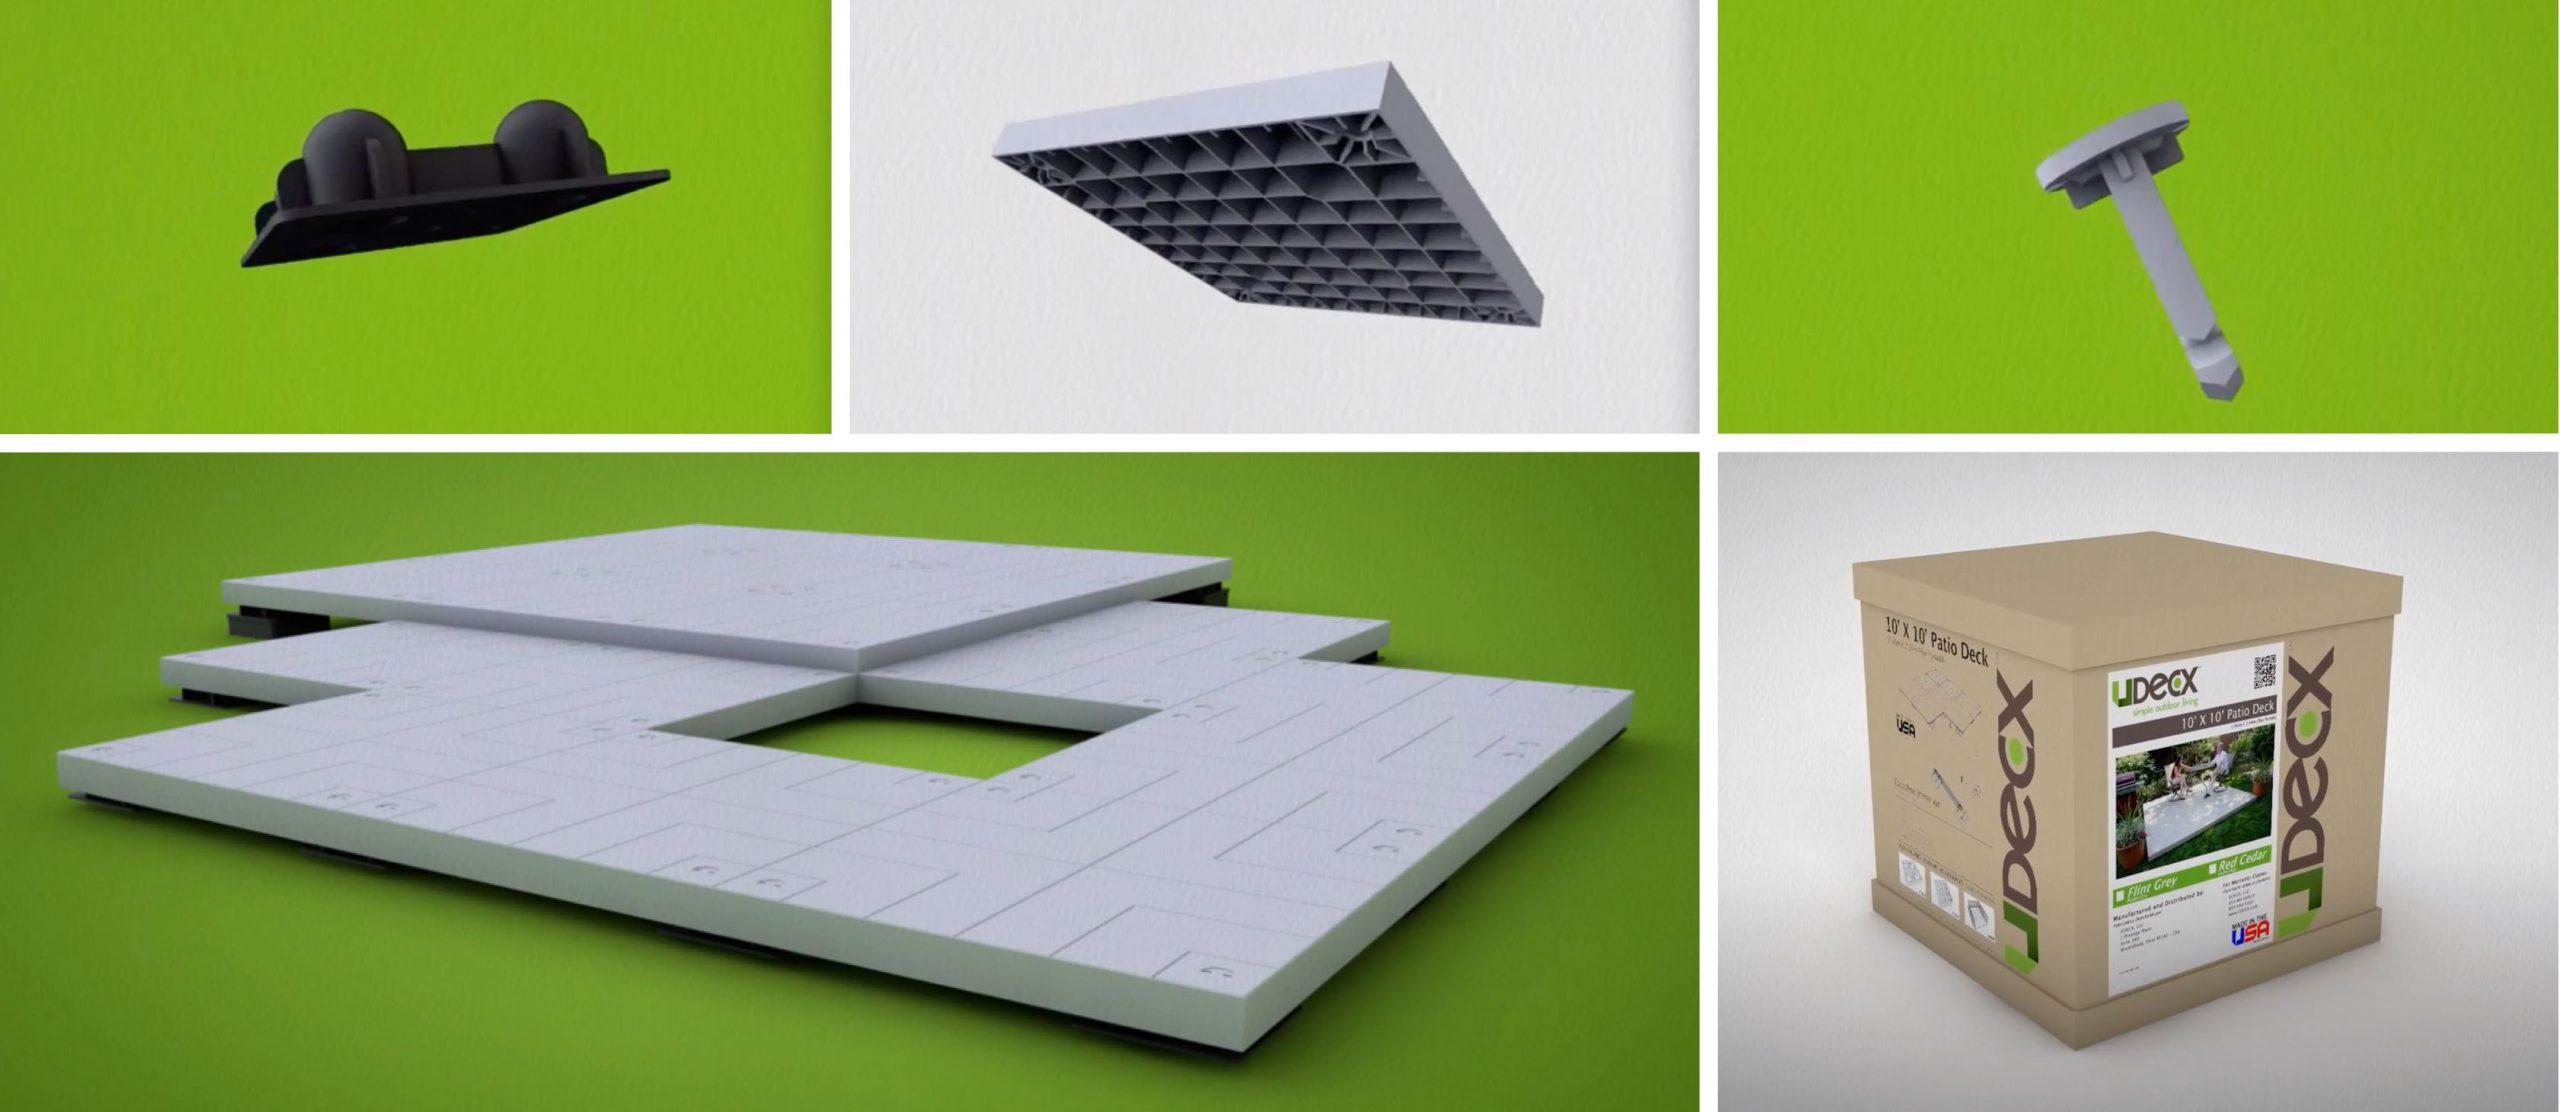 UDECX materials